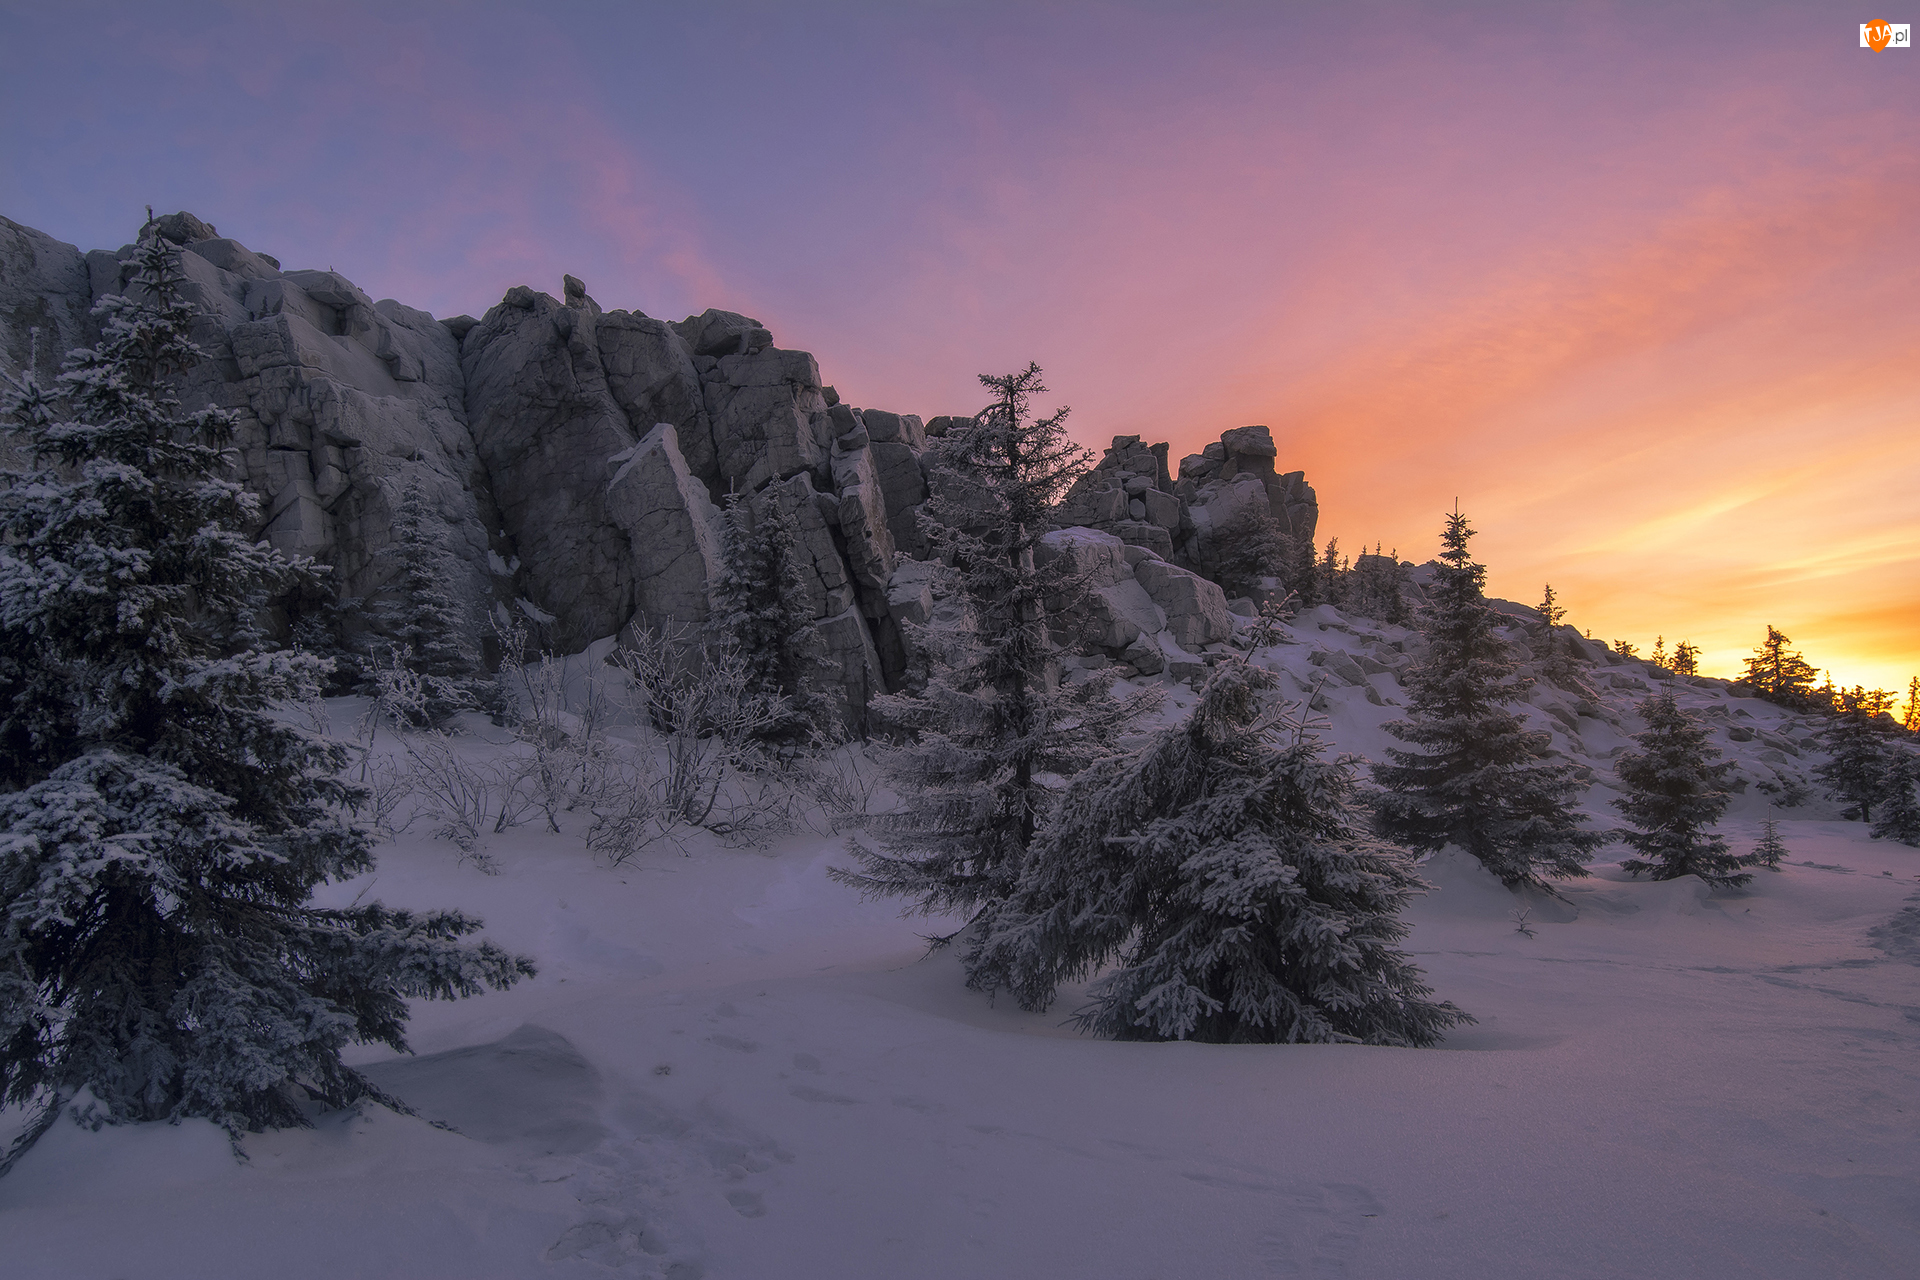 Skały, Drzewa, Rosja, Zima, Obwód czelabiński, Park Narodowy Ziuratkul, Zachód słońca